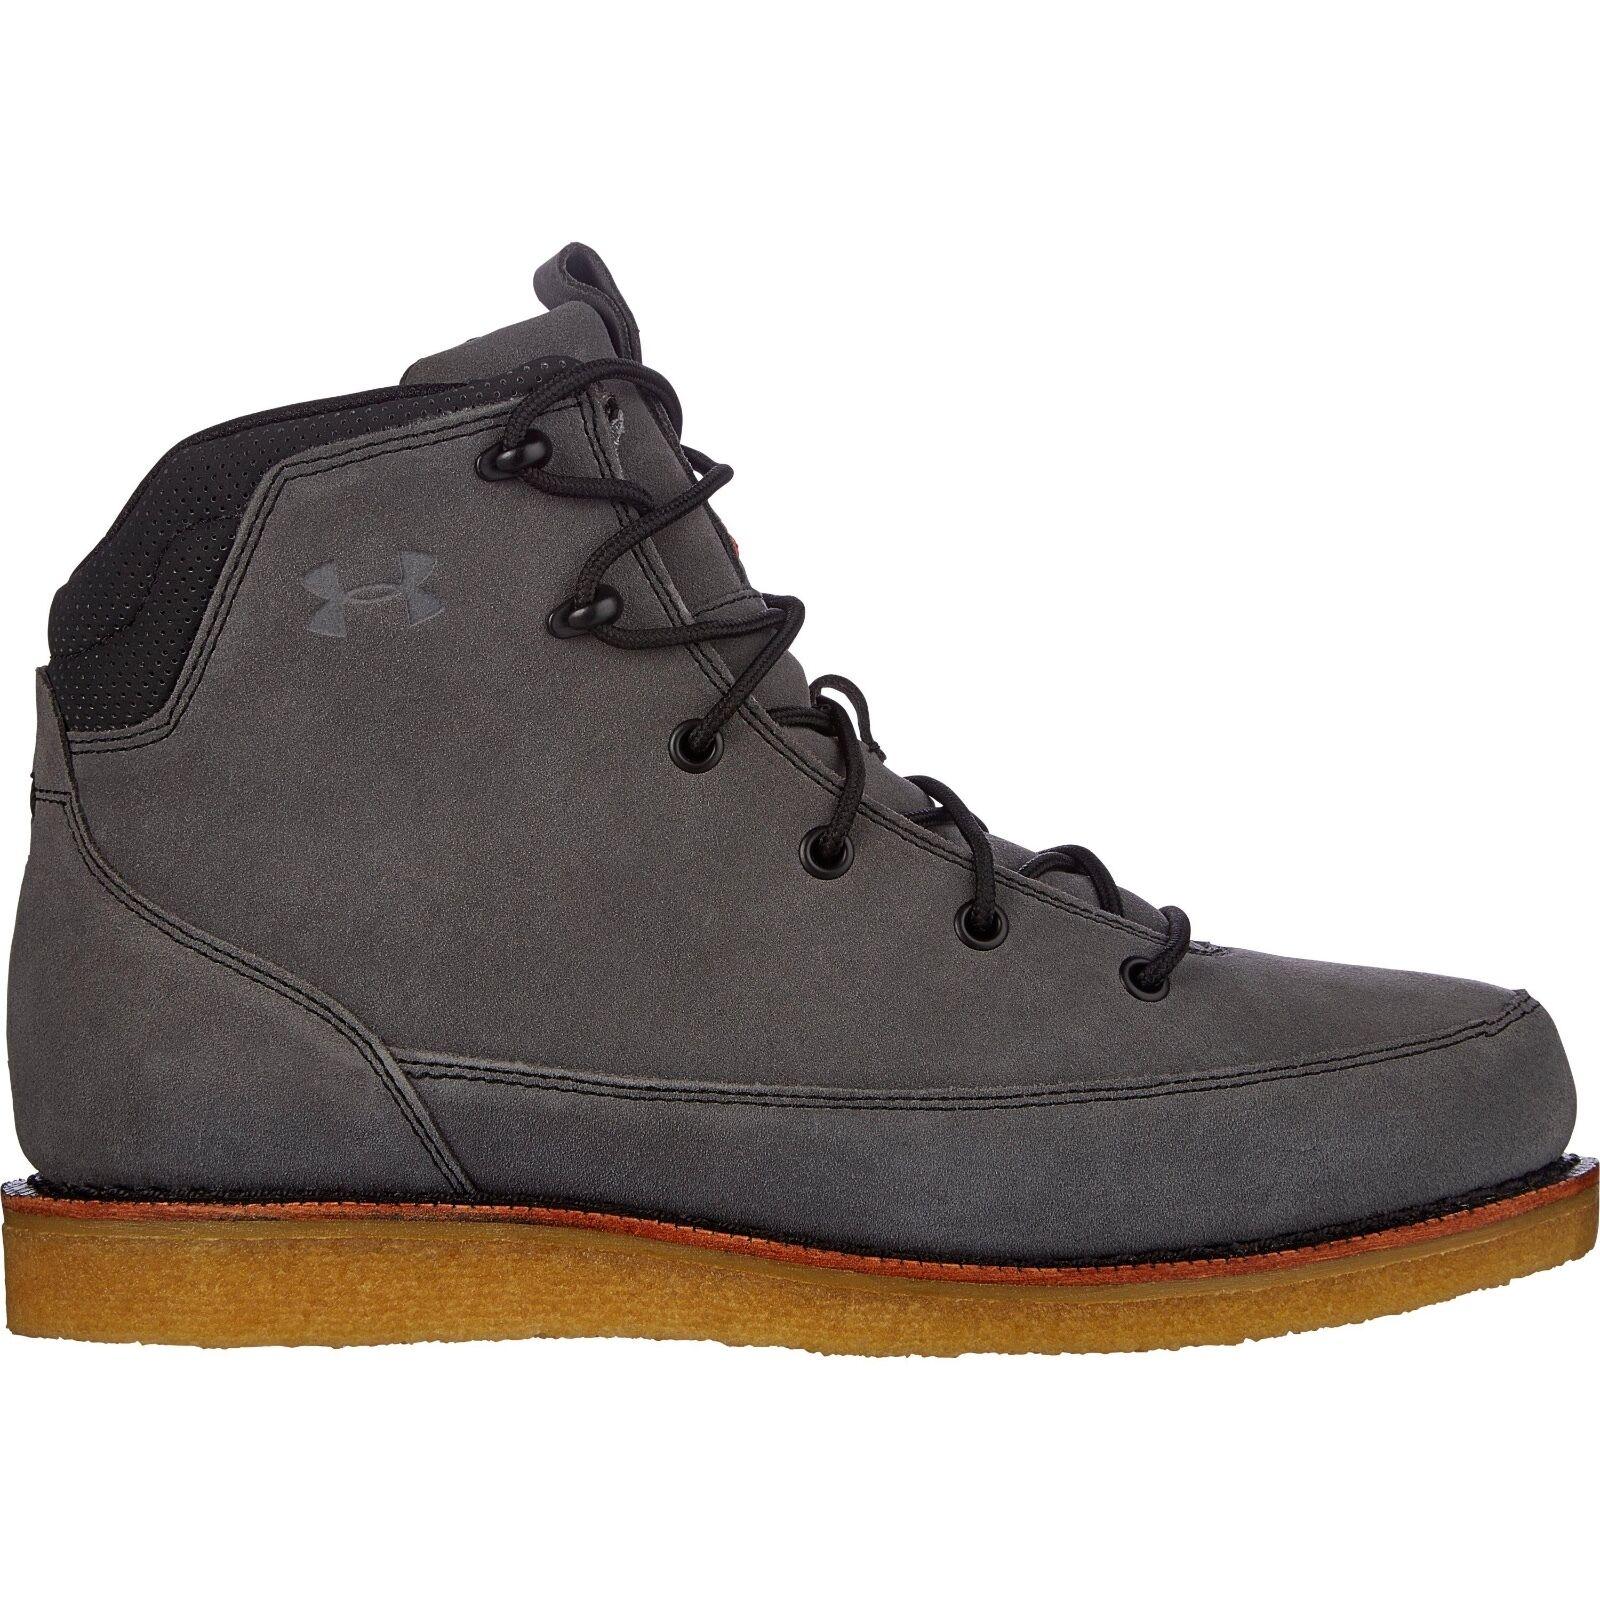 Under Armour Heppner Waterproof Suede Boots Gum Sole Men's Lead brown 160 NEW